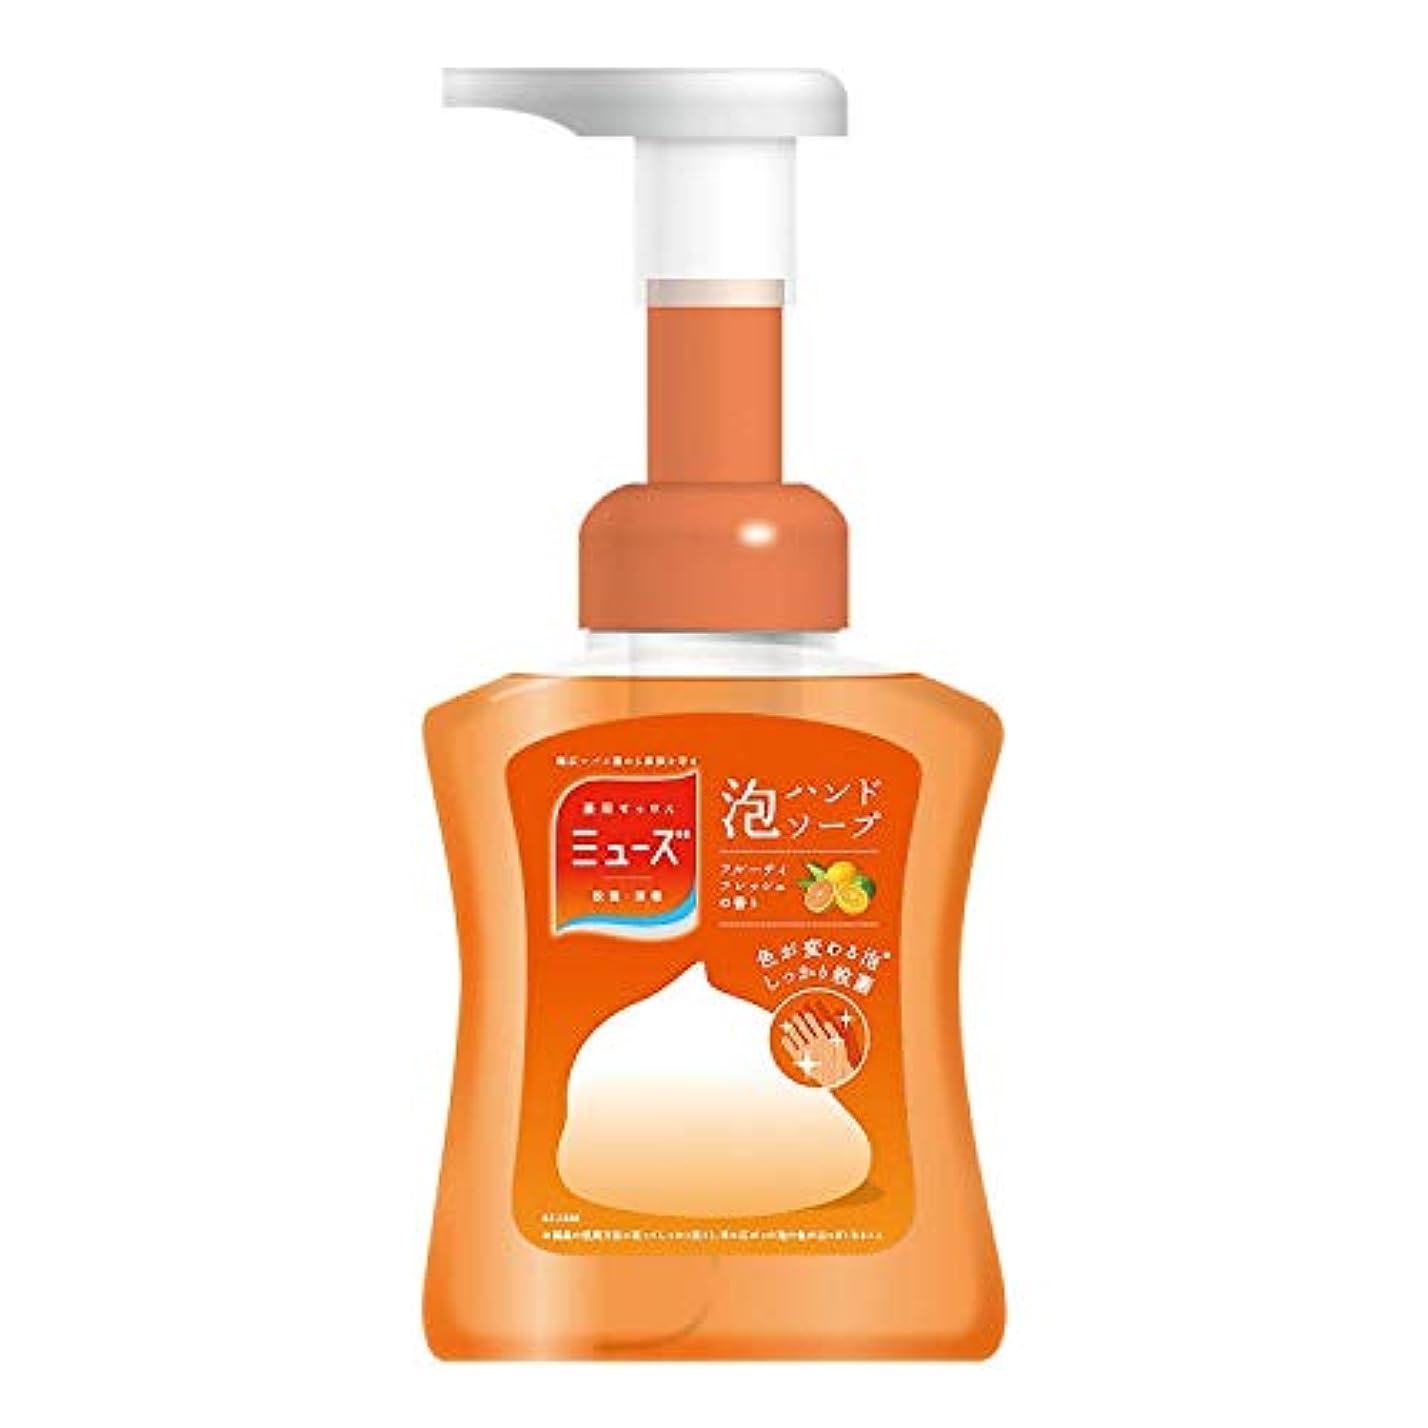 その後男らしさ形状【医薬部外品】ミューズ 泡 ハンドソープ フルーティフレッシュの香り 色が変わる泡 本体ボトル 250ml 殺菌 消毒 手洗い 保湿成分配合